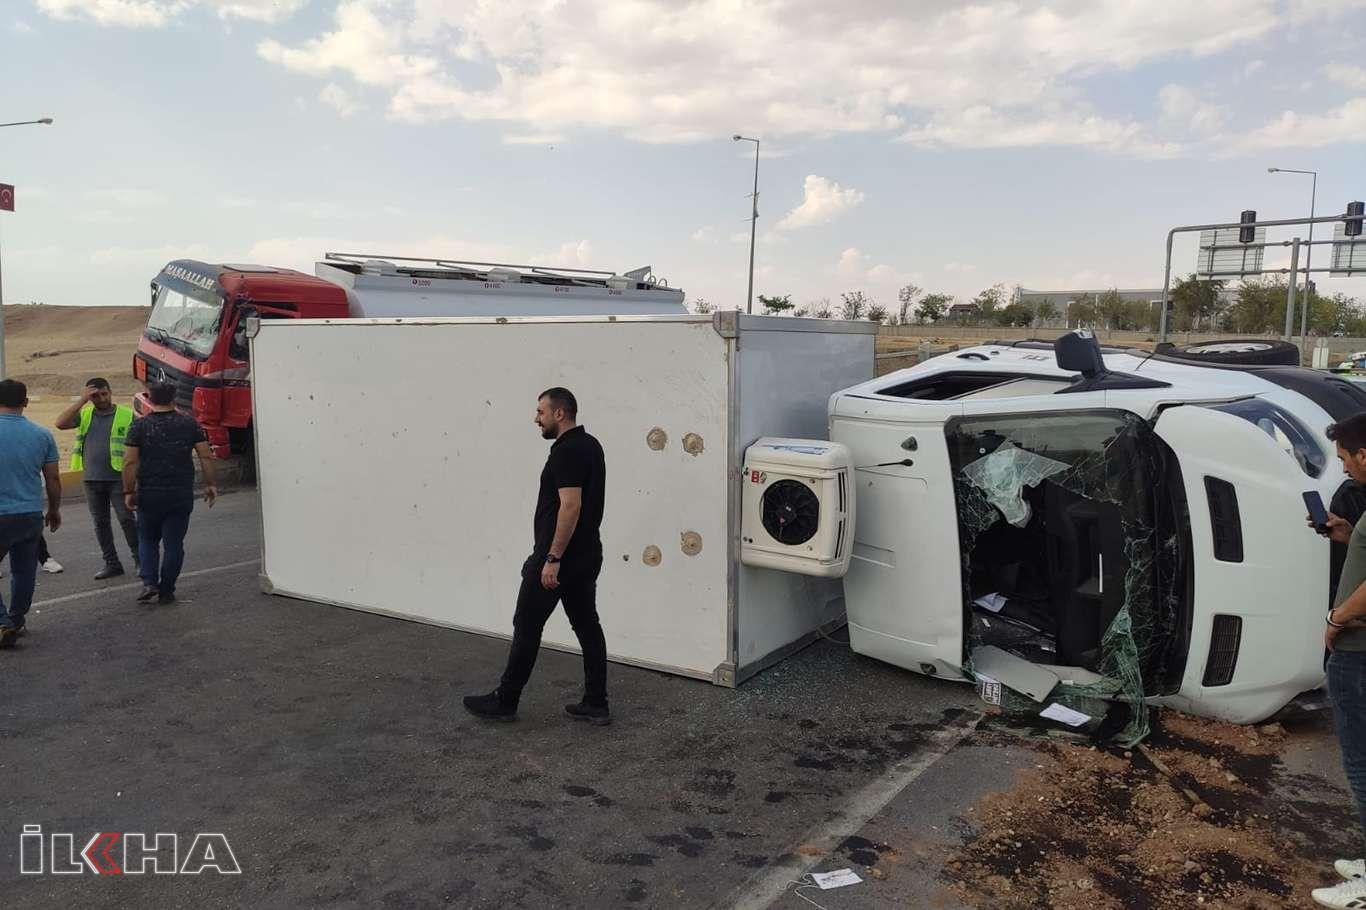 Batman'da tanker aracı ile kamyon çarpıştı: Bir ağır yaralı